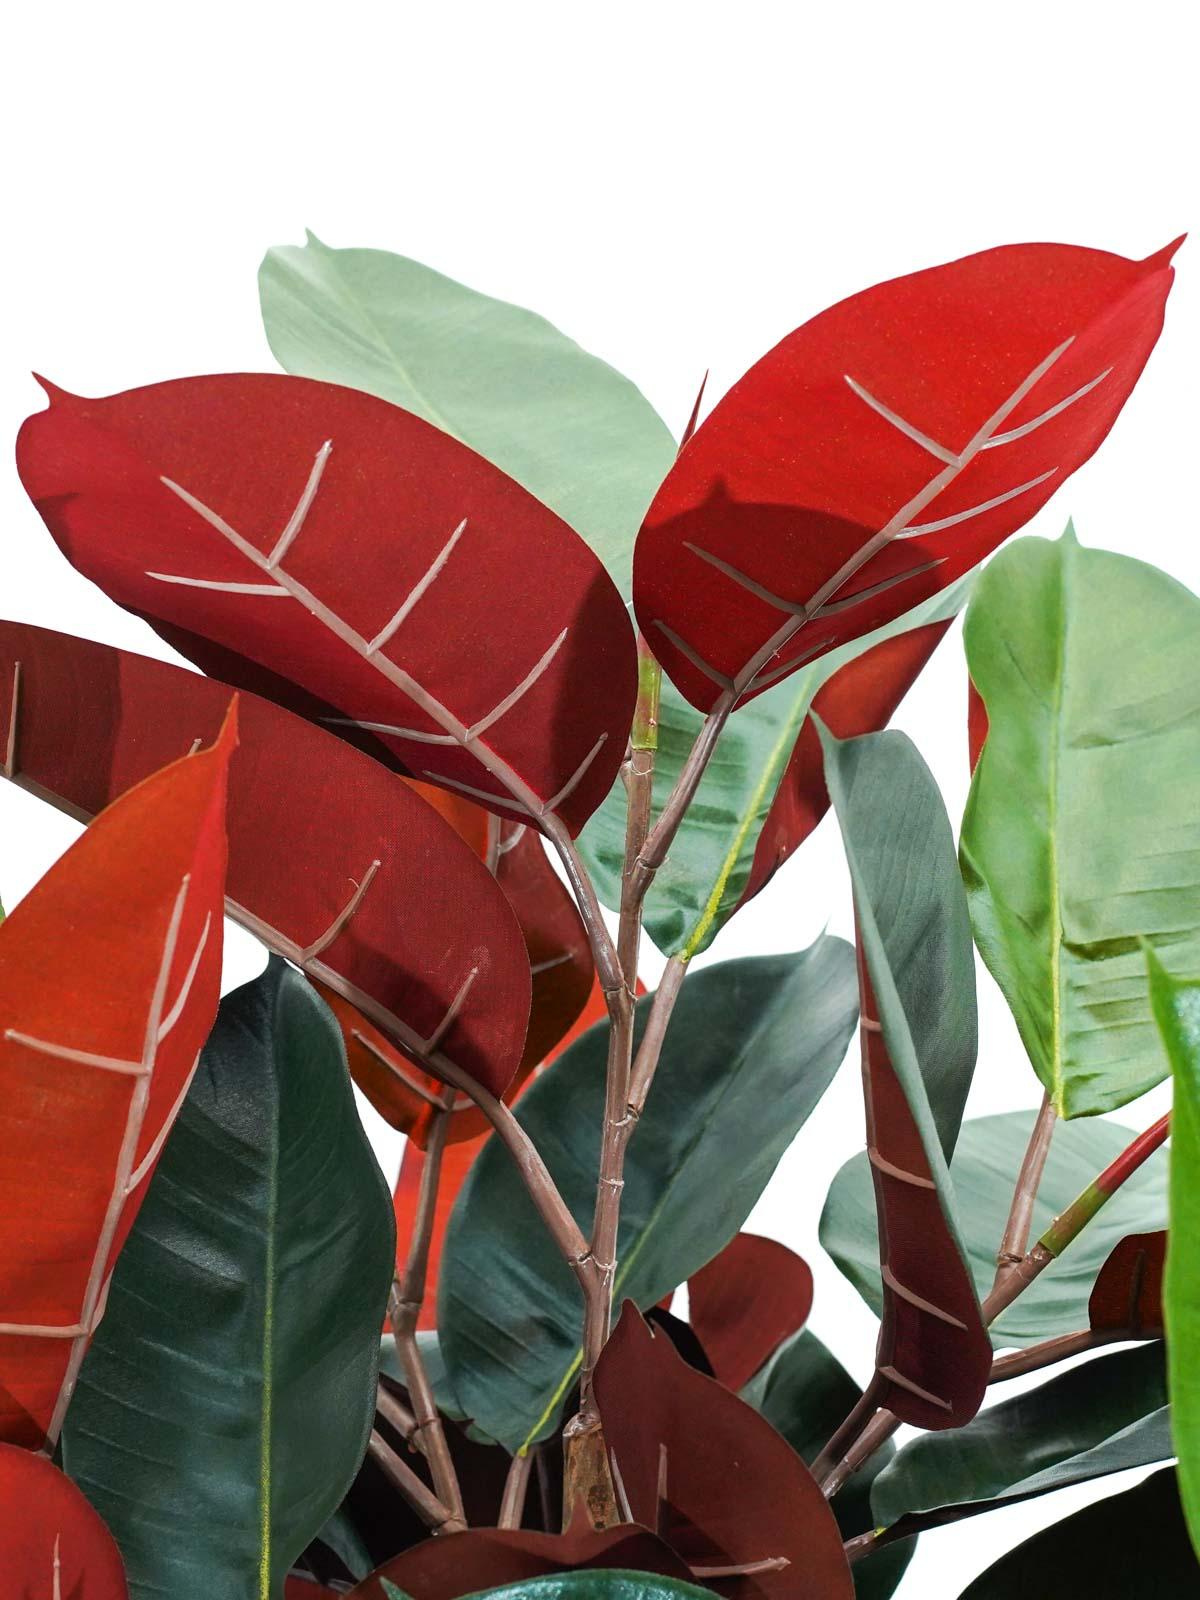 شجرة المطاط - كبير نباتات اصطناعية أشجار